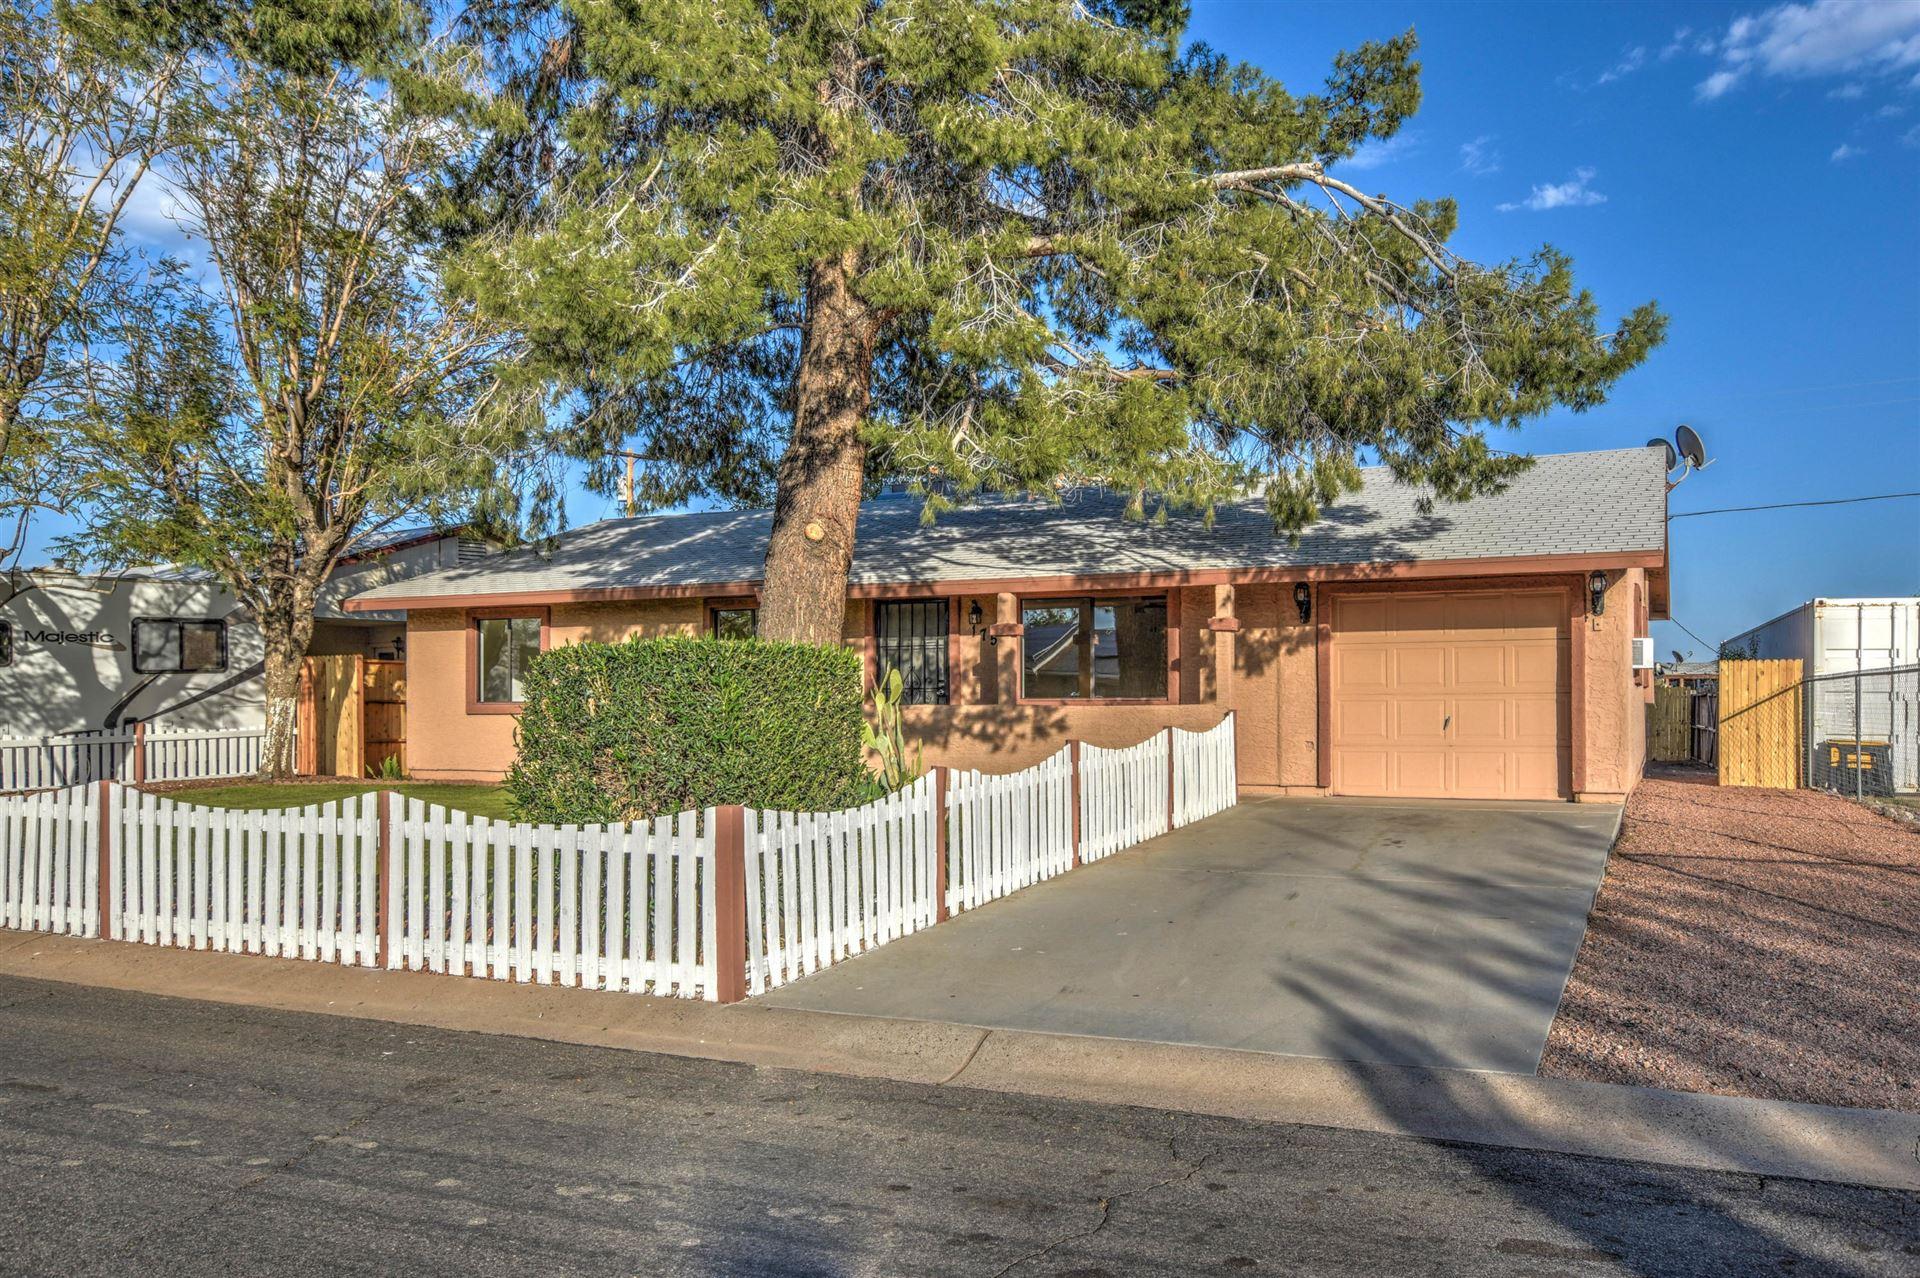 Photo of 175 PERETZ Circle, Morristown, AZ 85342 (MLS # 6216114)